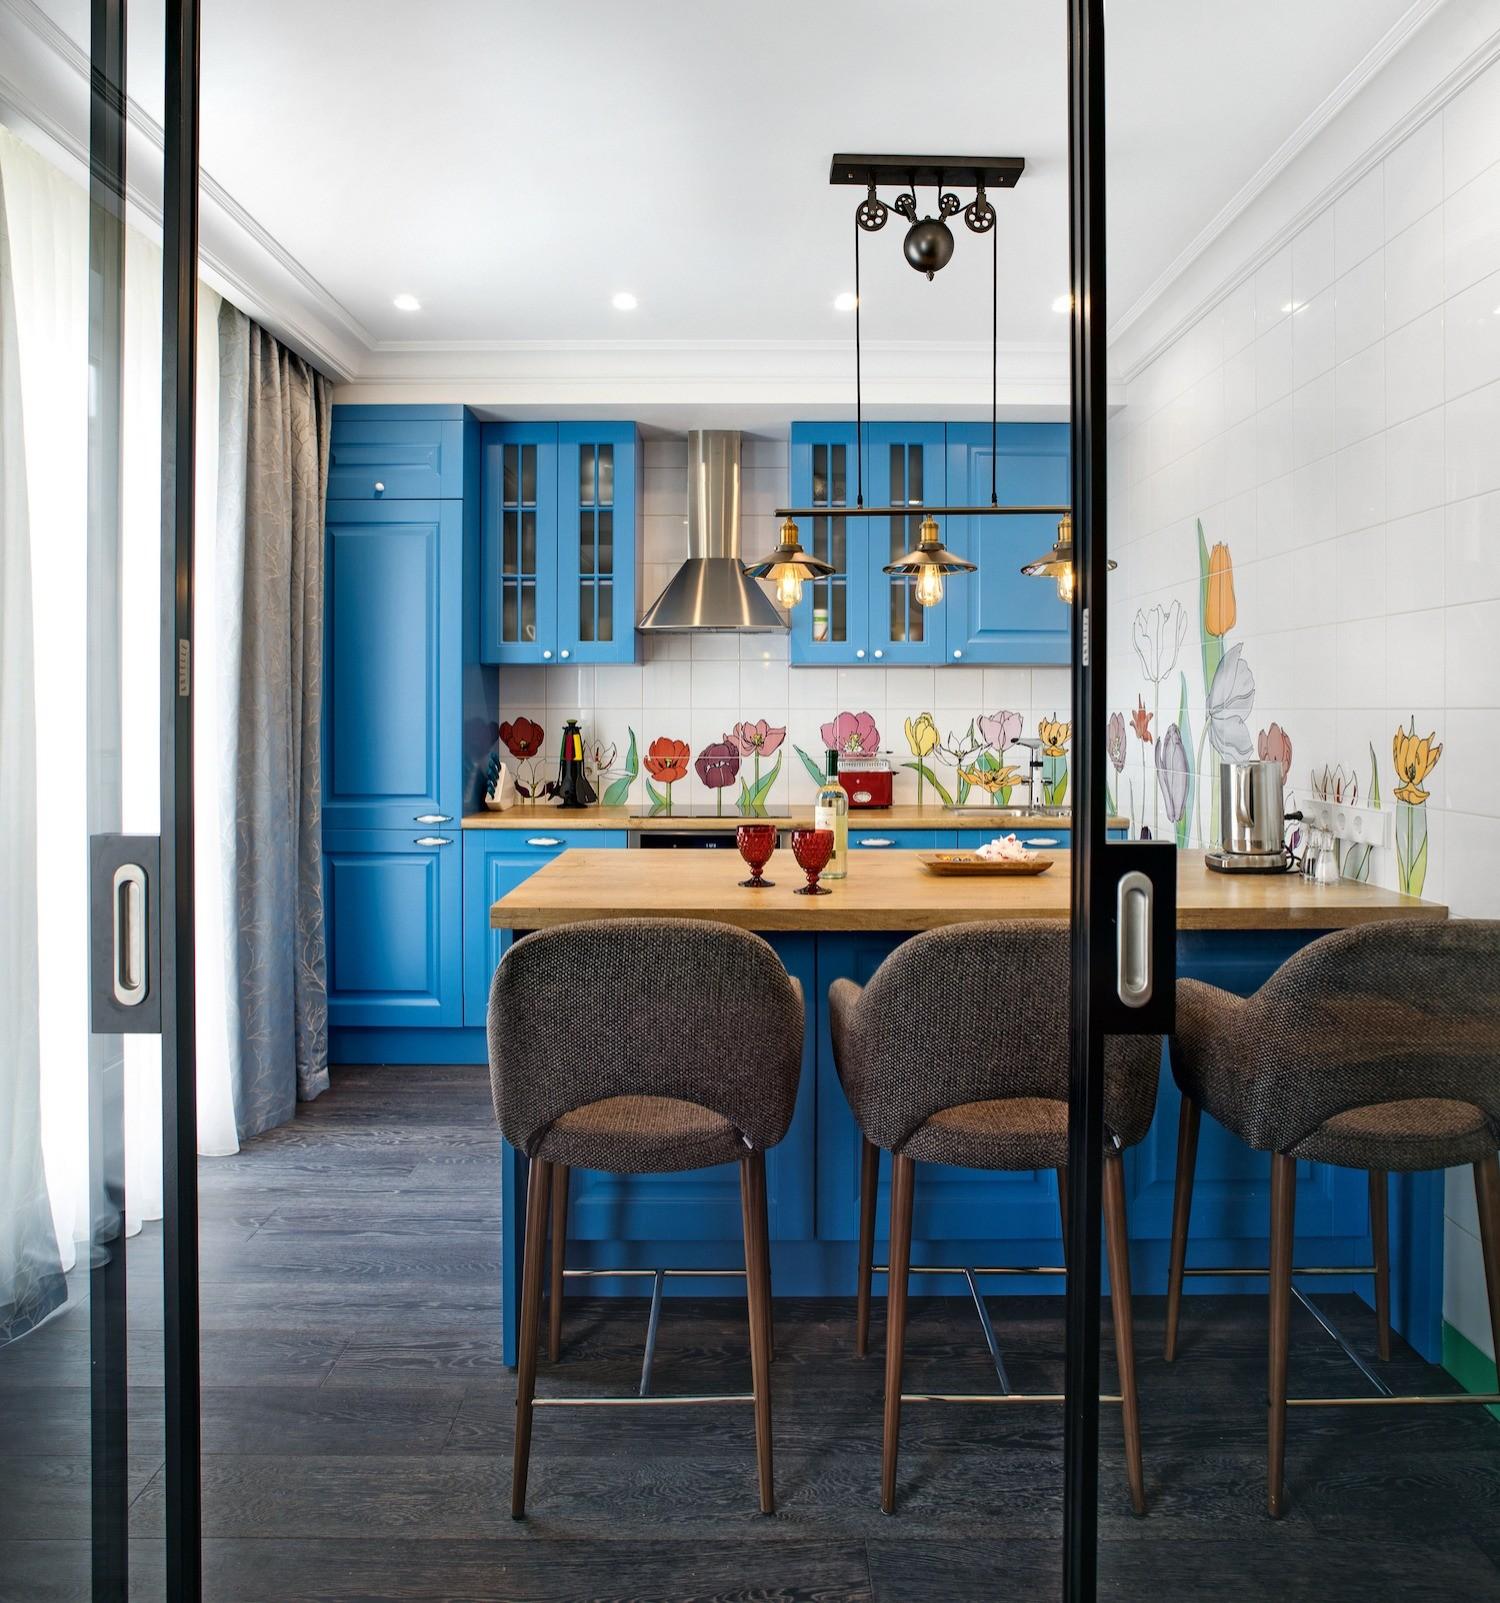 «Цветущая» кухня: лёгкий интерьер в бело-голубой гамме